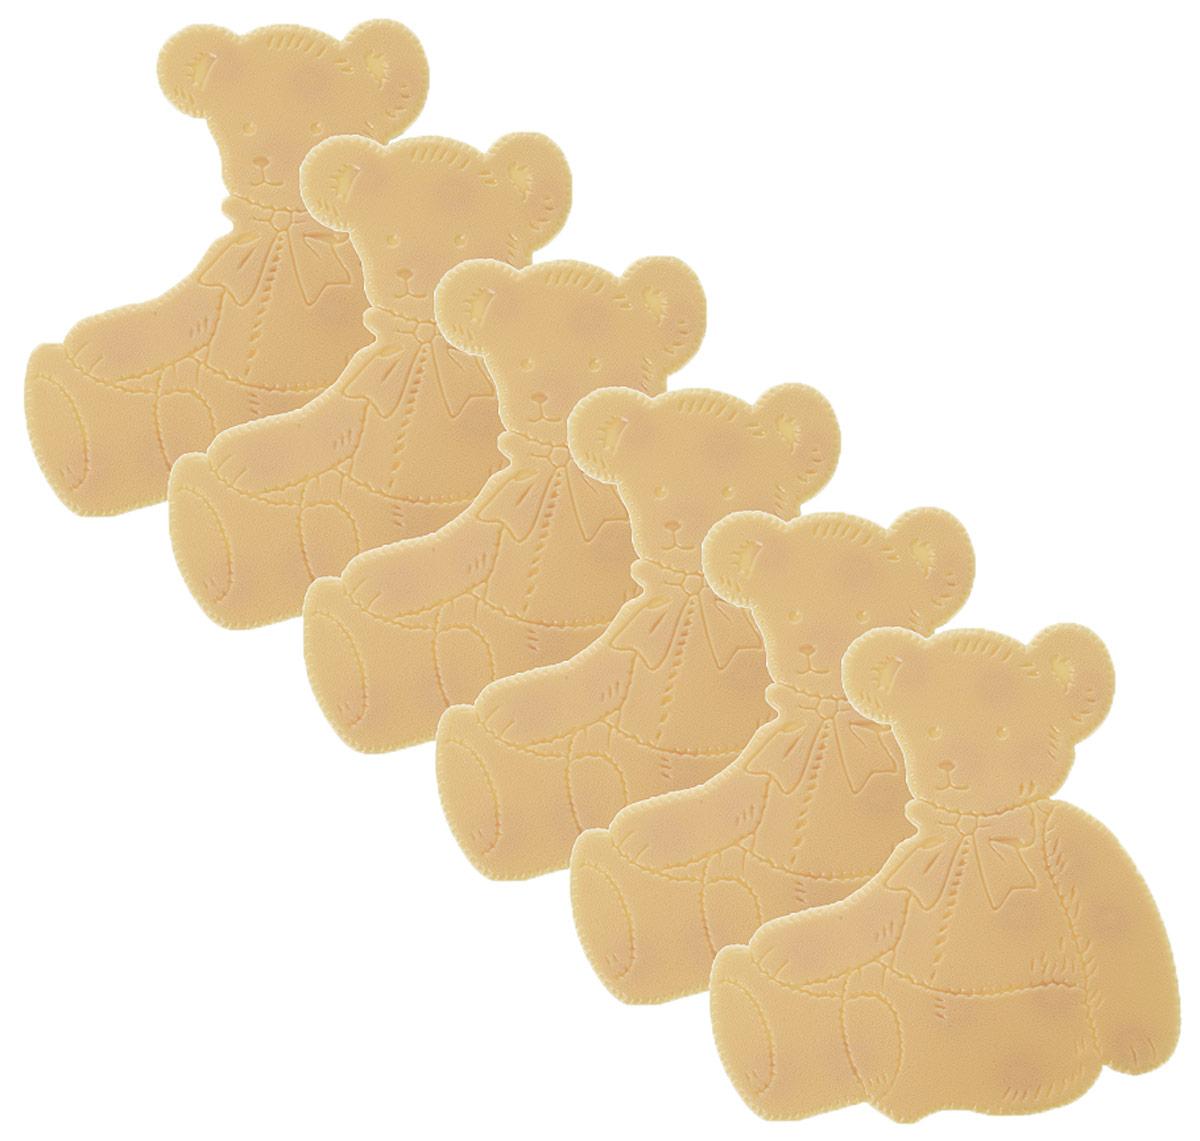 Valiant Мини-коврик для ванной комнаты Медвежонок на присосках 6 шт -  Аксессуары для ванной комнаты